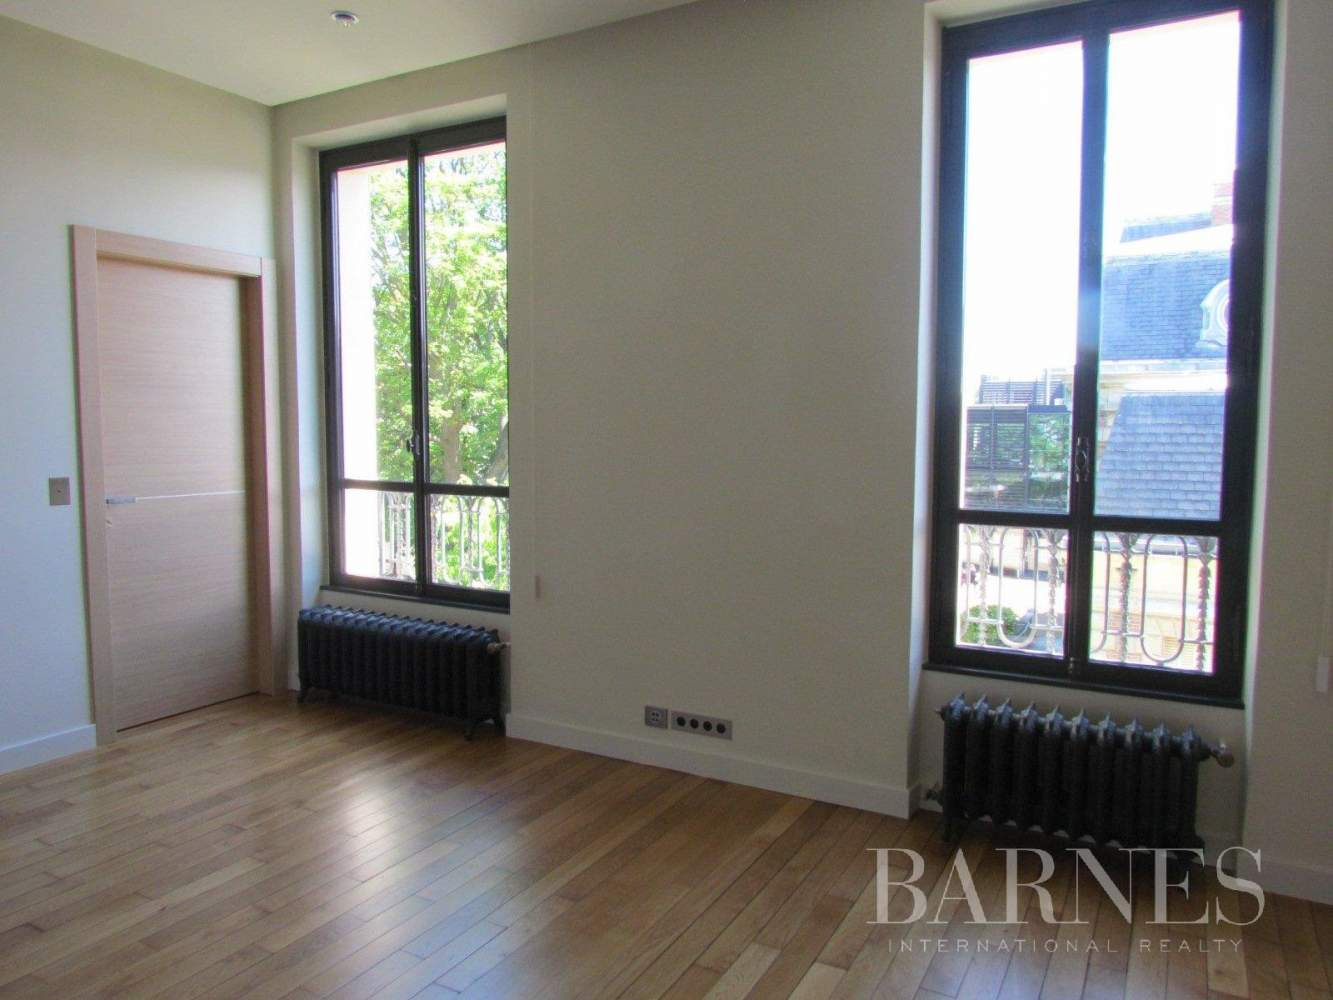 Saint-Germain-en-Laye  - Appartement 8 Pièces 6 Chambres - picture 10